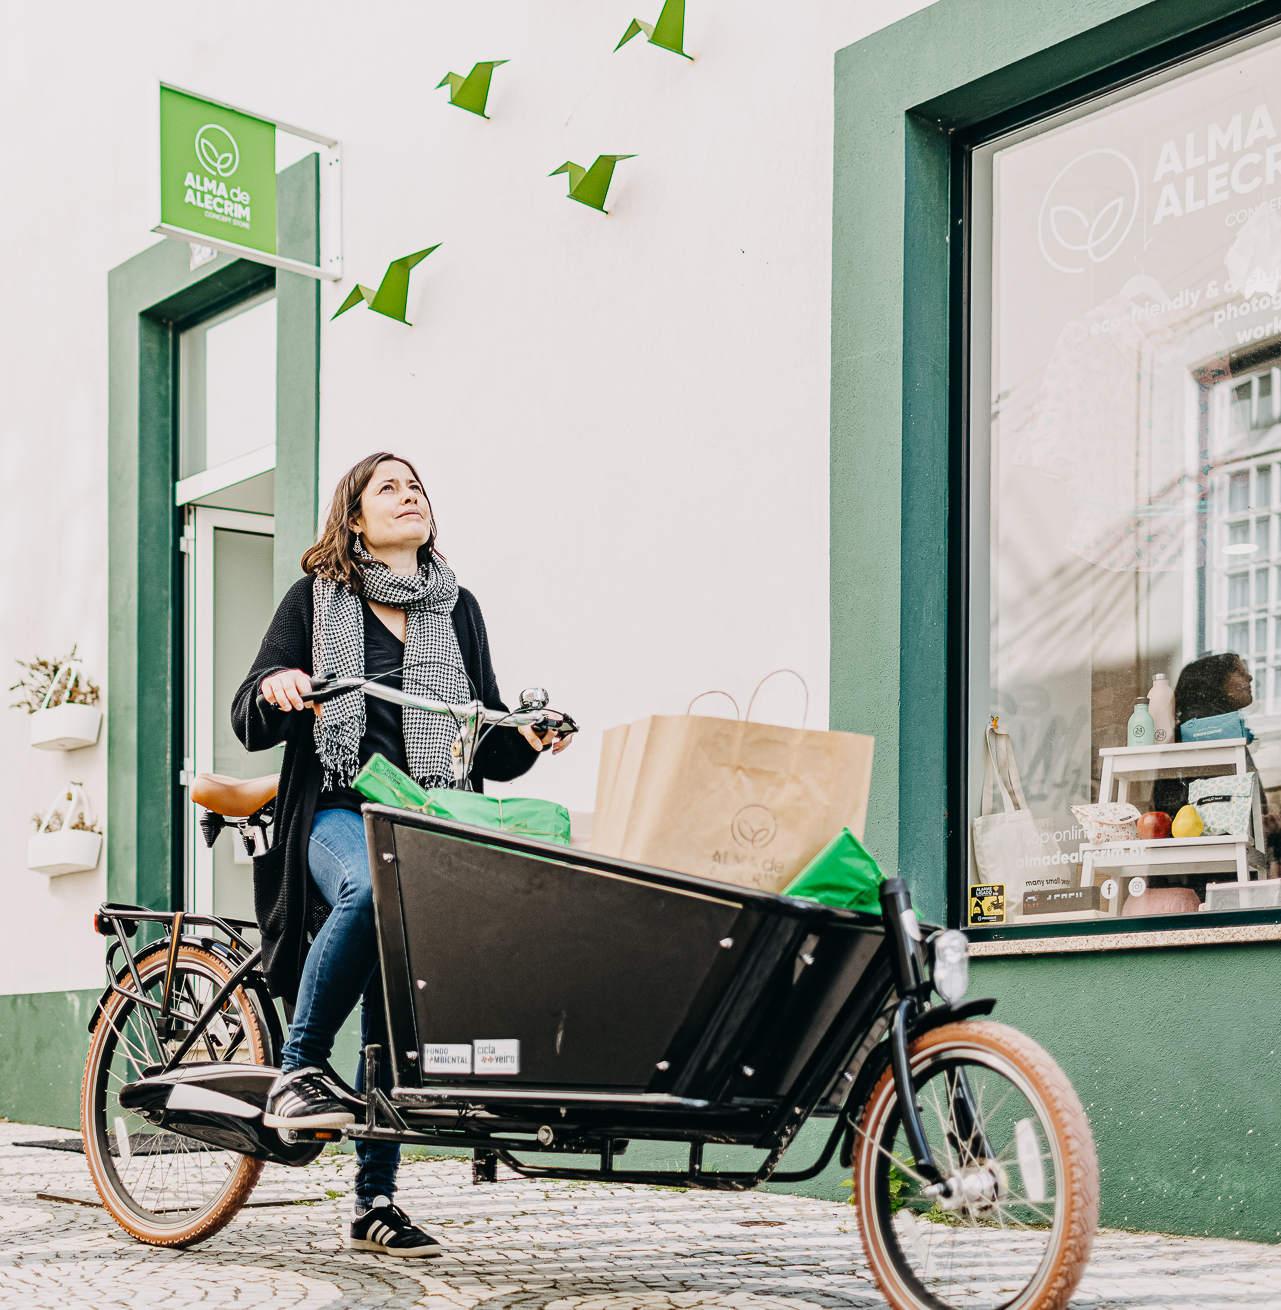 Bicicletas de Carga com o Comércio Local